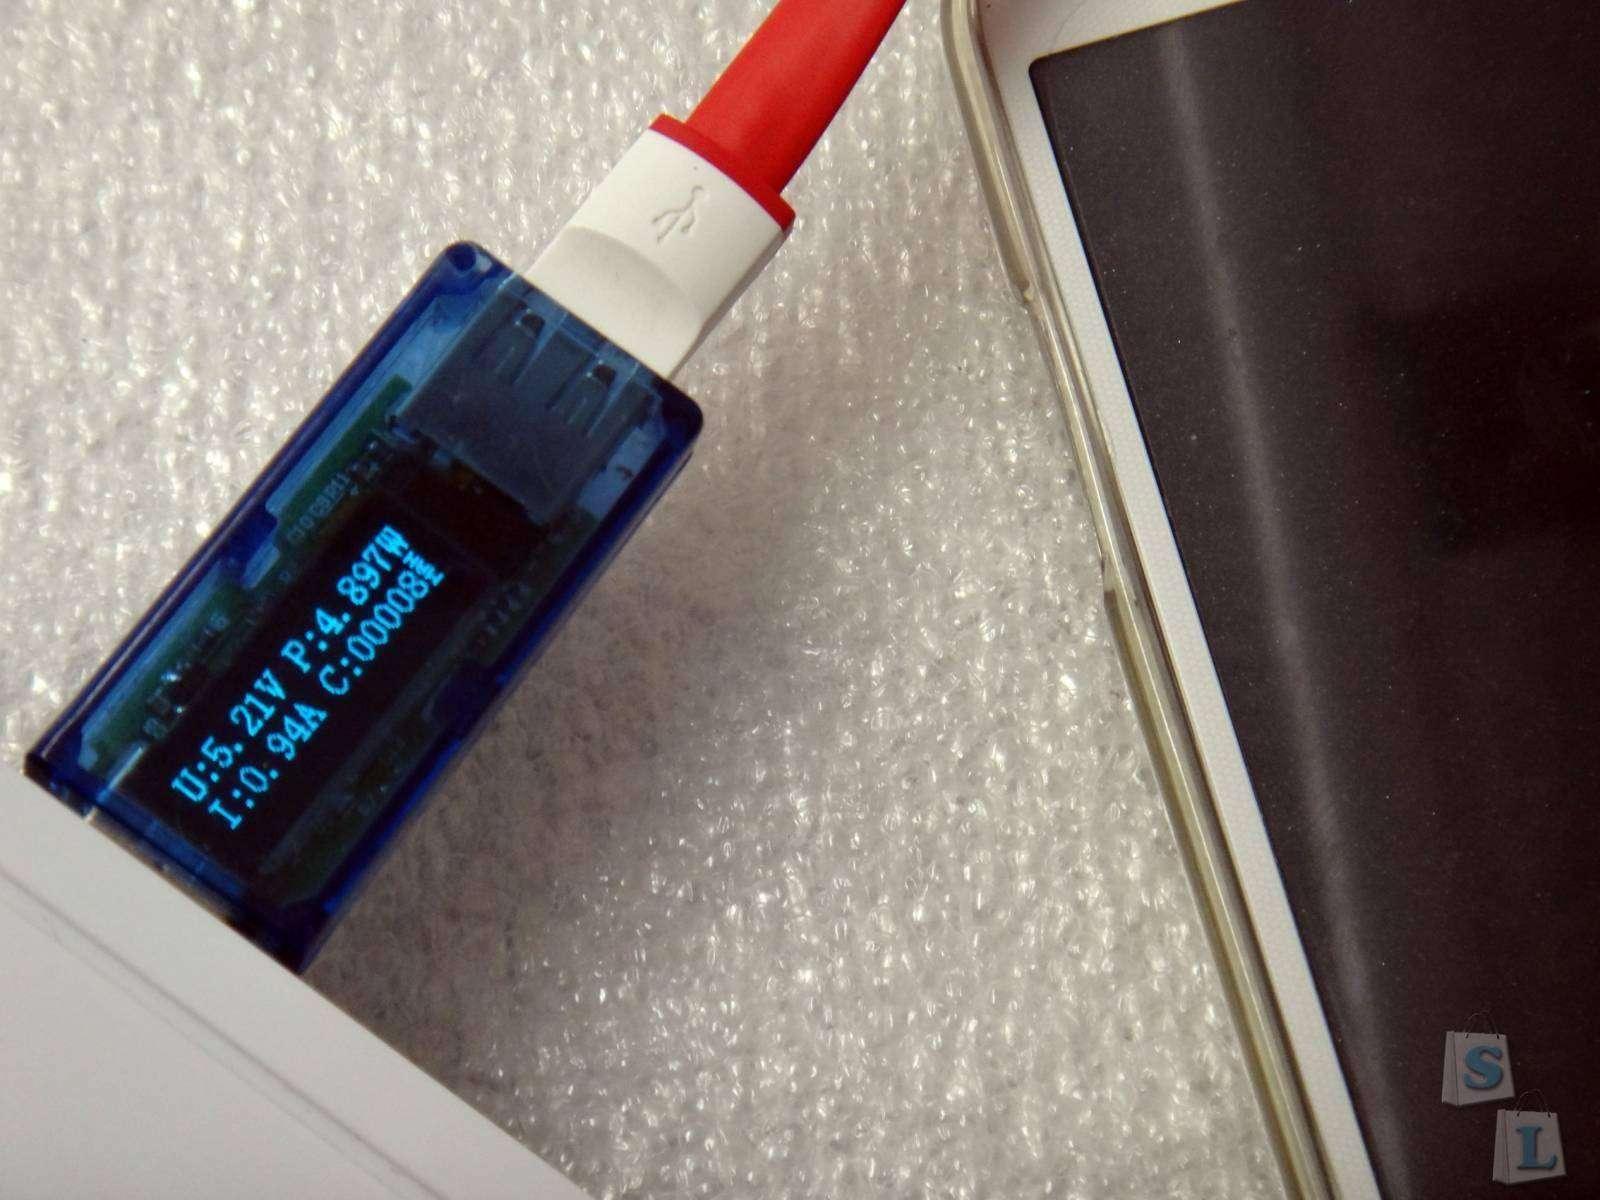 EverBuying: Обзор яркий USB фонарик LED 2 в 1 microUSB кабель, подсветка, фонарь, кабель